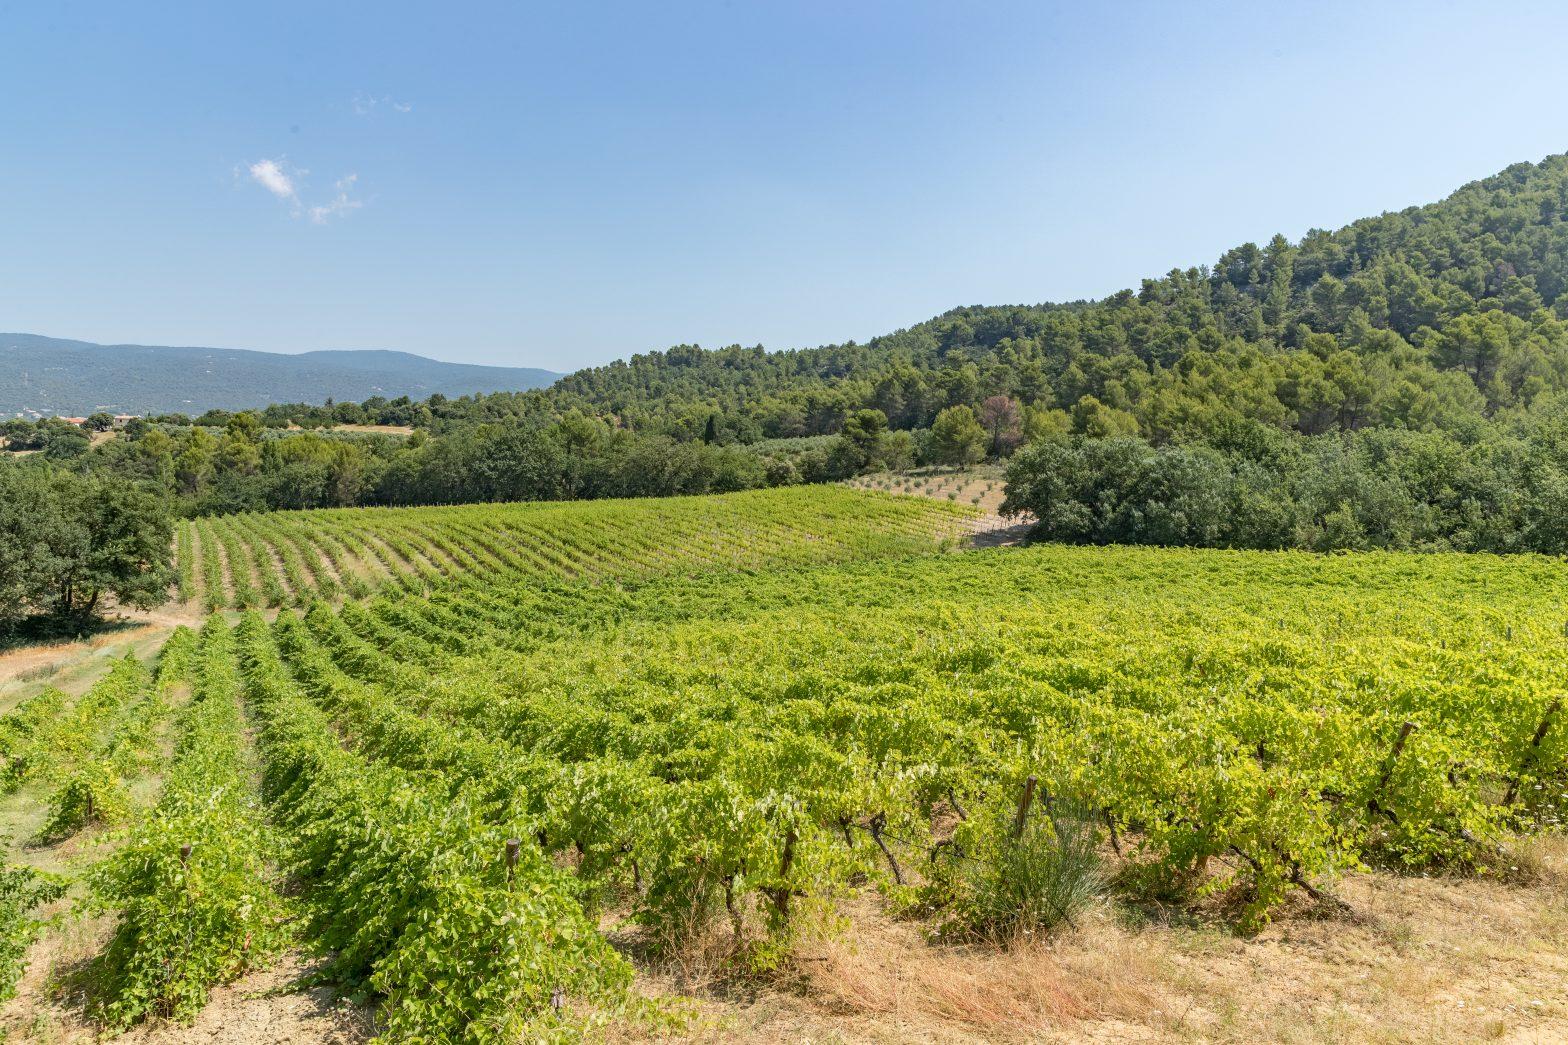 Propriété viticole à vendre de 45 HA - Vallée du Rhone - 2024CDR - fr